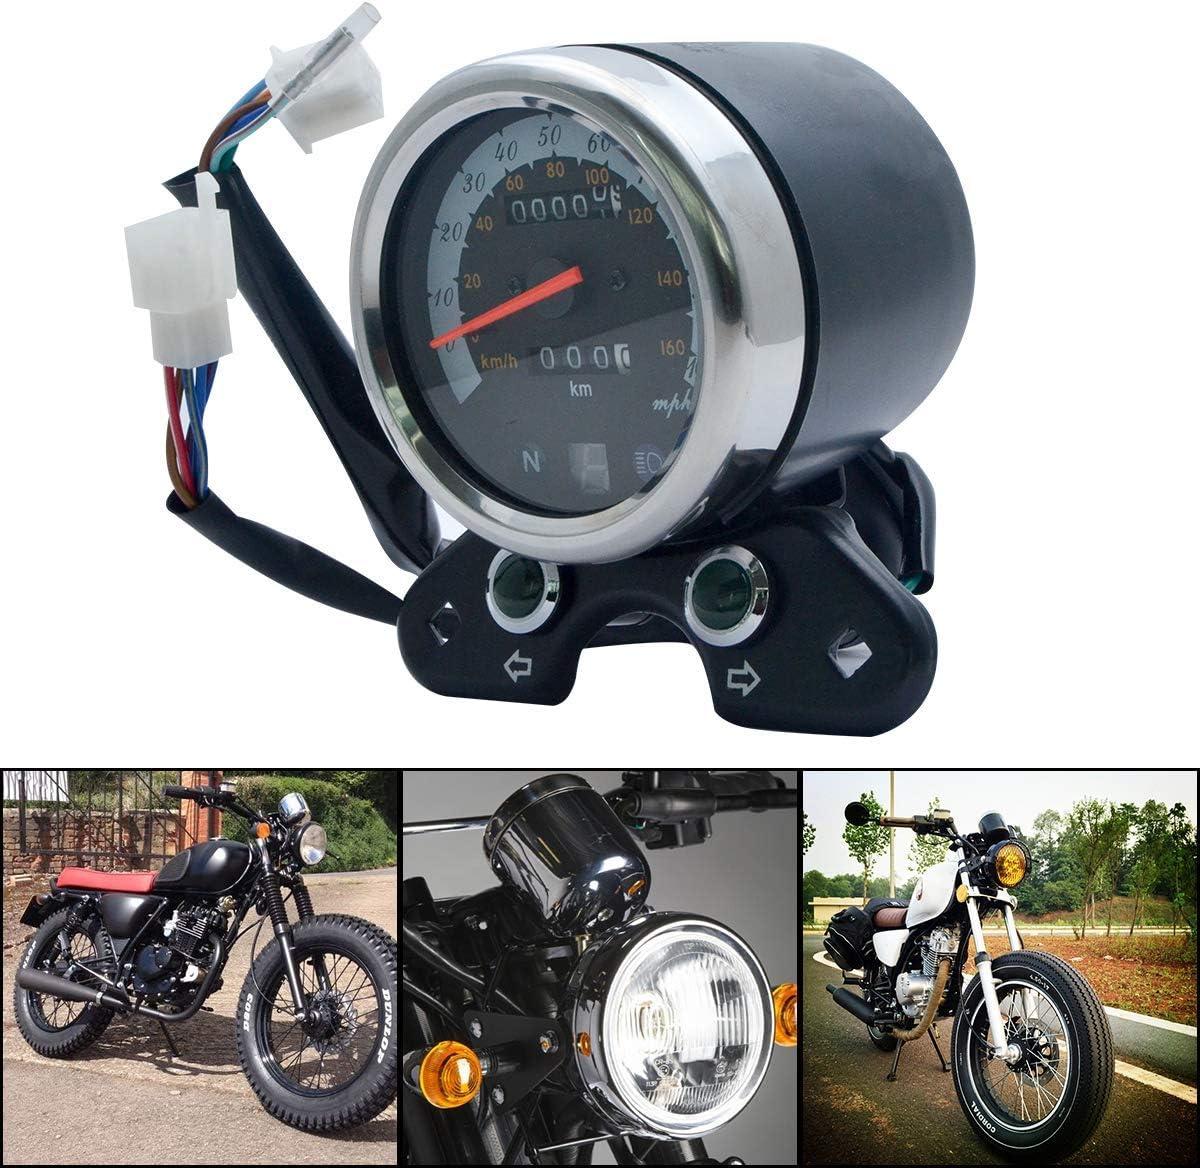 SUNWAN Universal Motorcycle Speedometer Motorbike Digital Odometer Mileage Gear Display Gague Tachometer with Blacklight